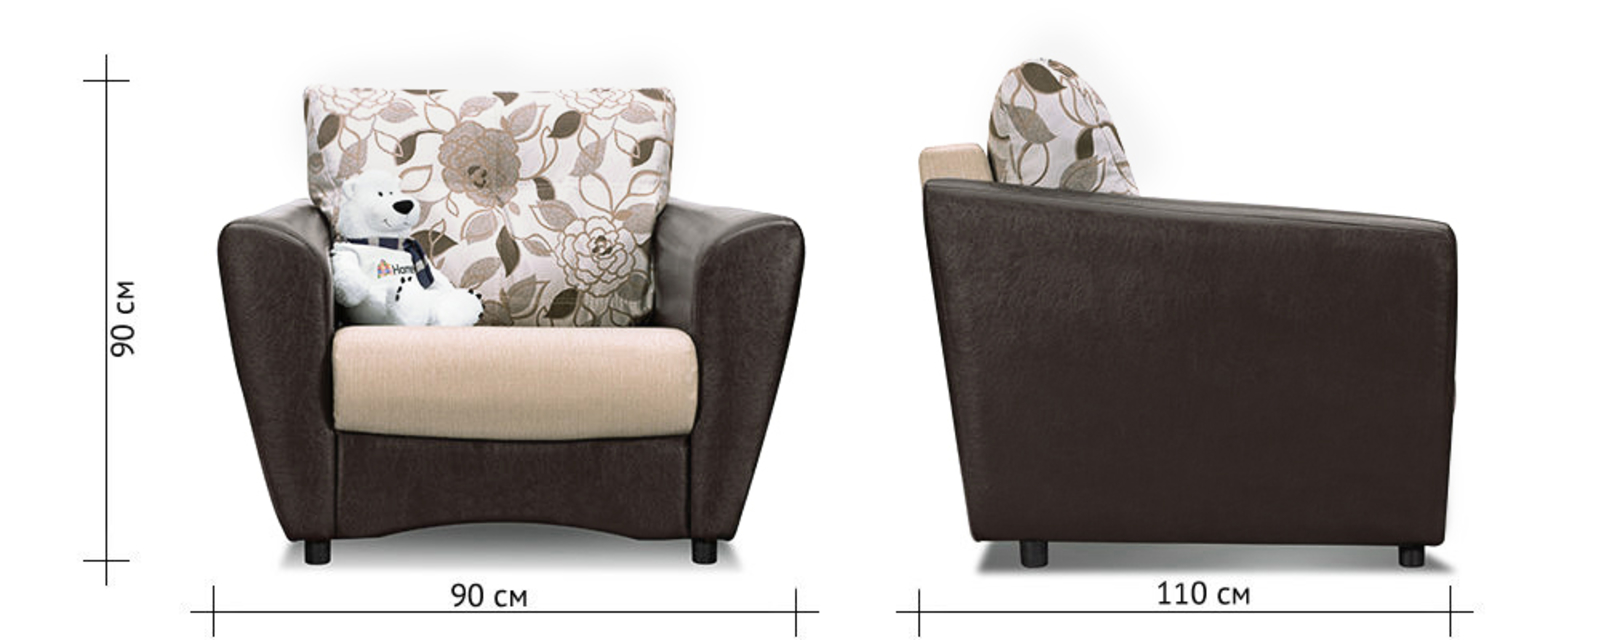 Кресло тканевое Амстердам Violet бежевый (Ткань + Экокожа) от HomeMe.ru